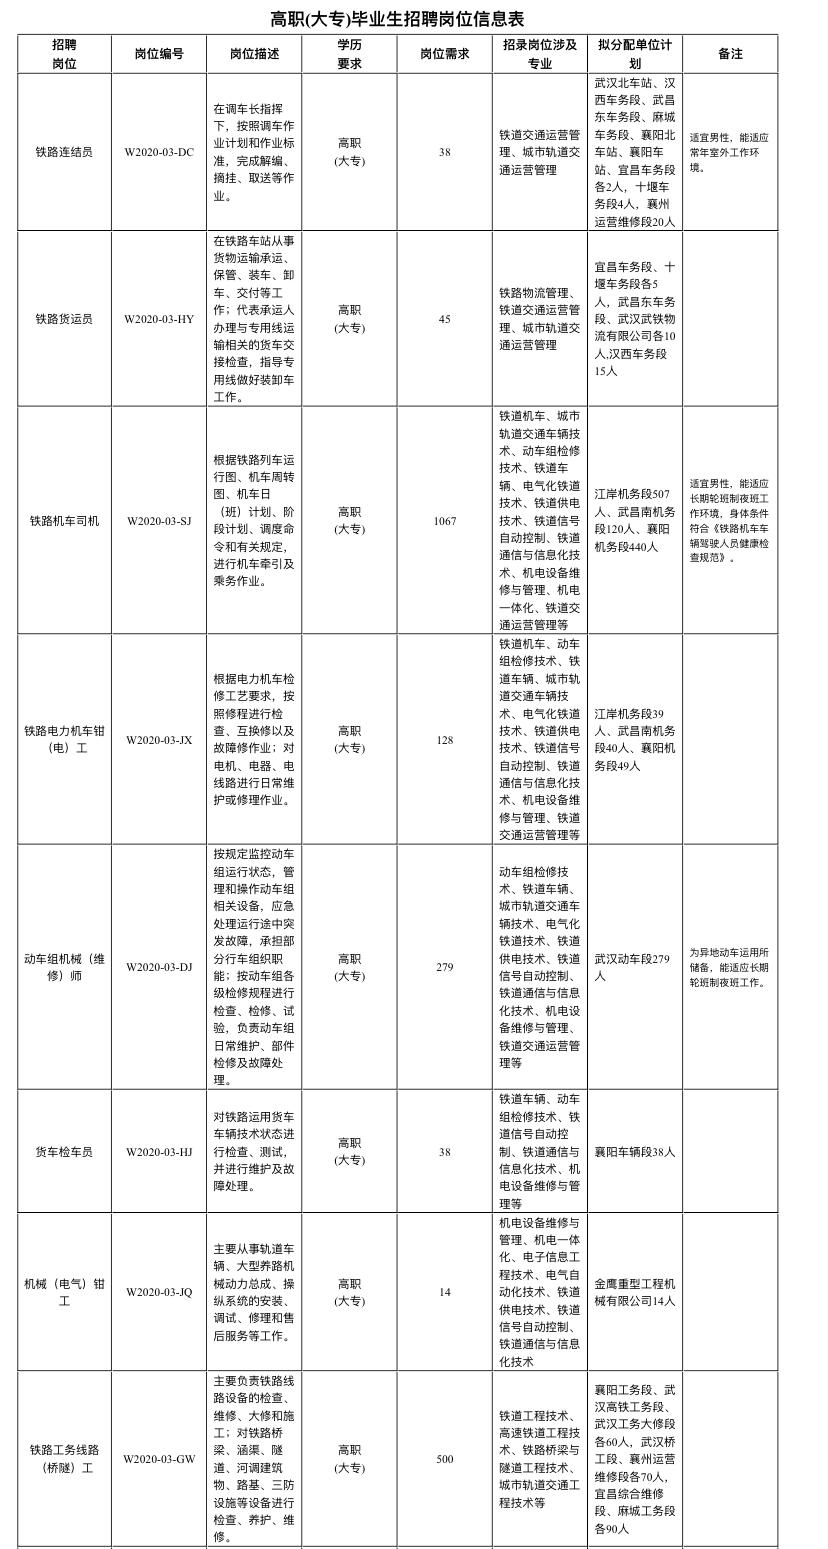 中国铁路武汉局集团有限公司招聘2020年高校毕业生公告(三)